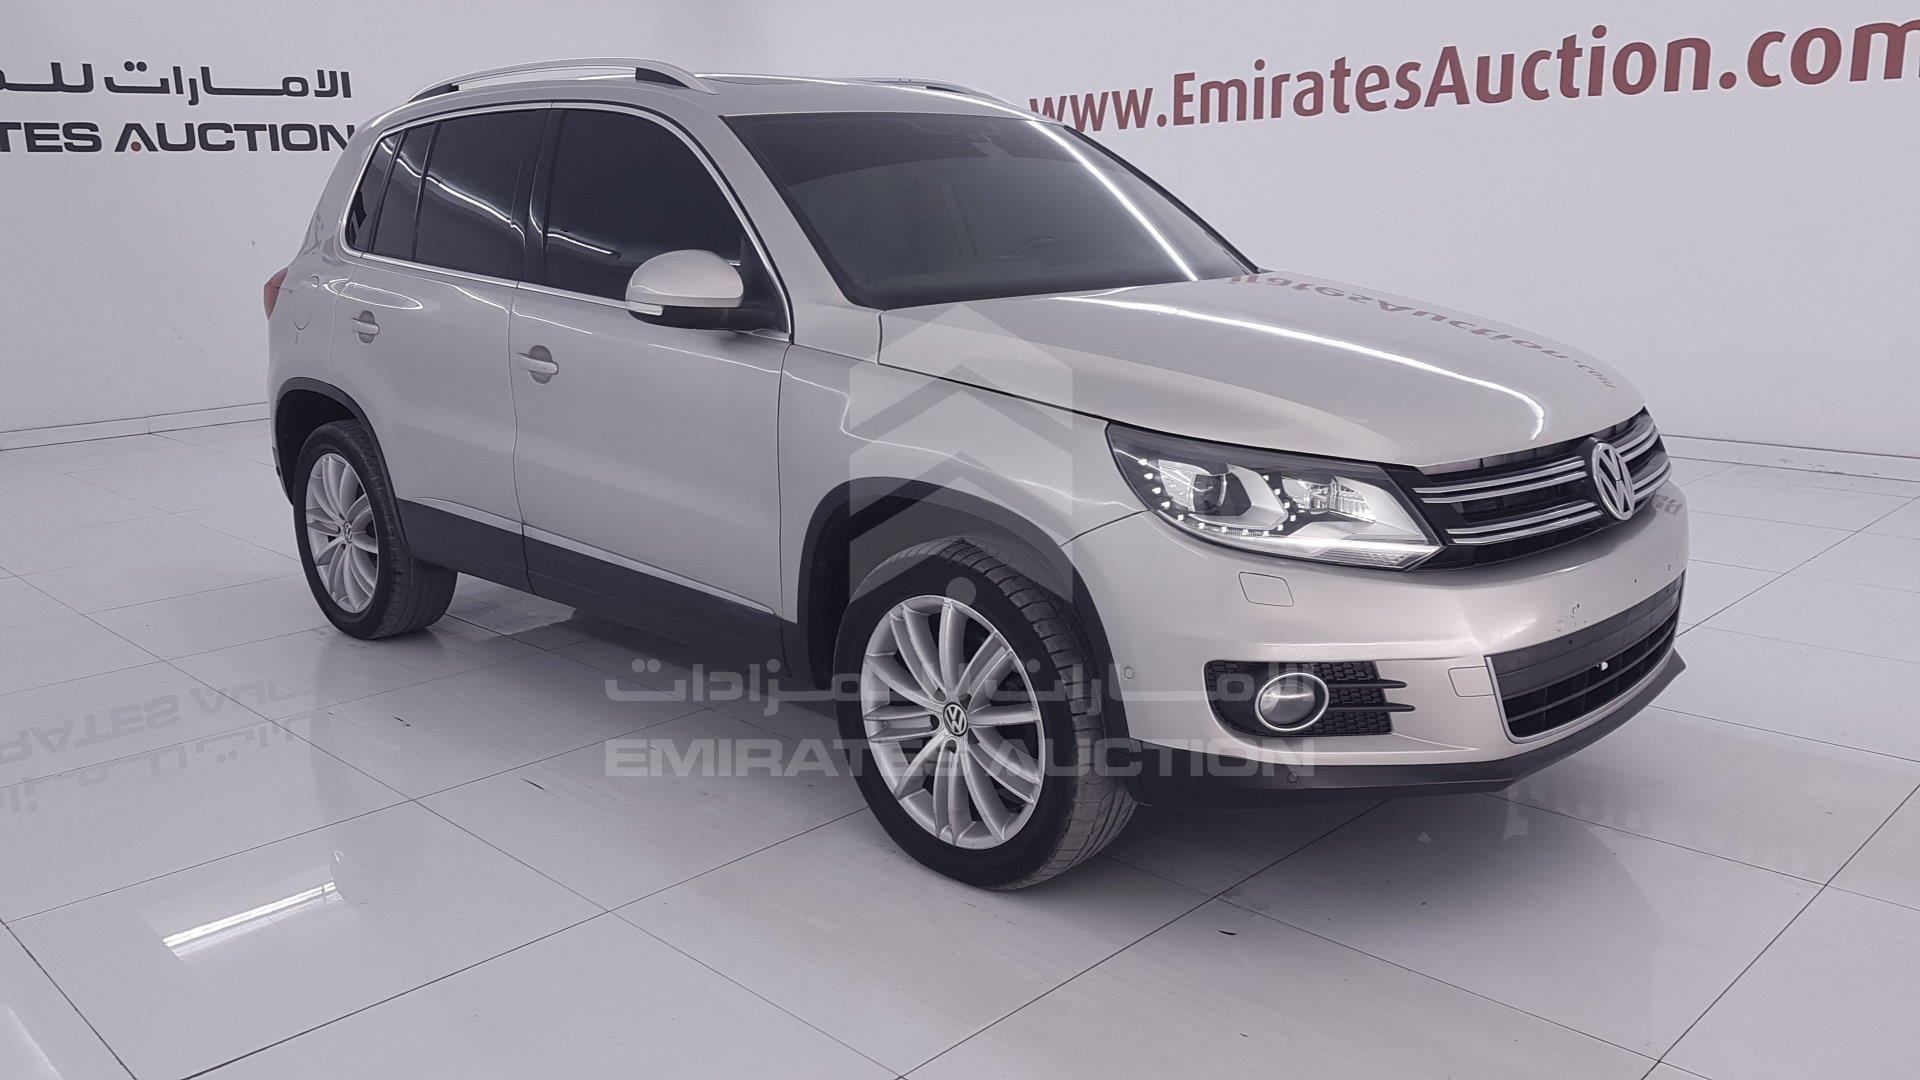 2012 Volkswagen Tiguan for sale in UAE | 197031